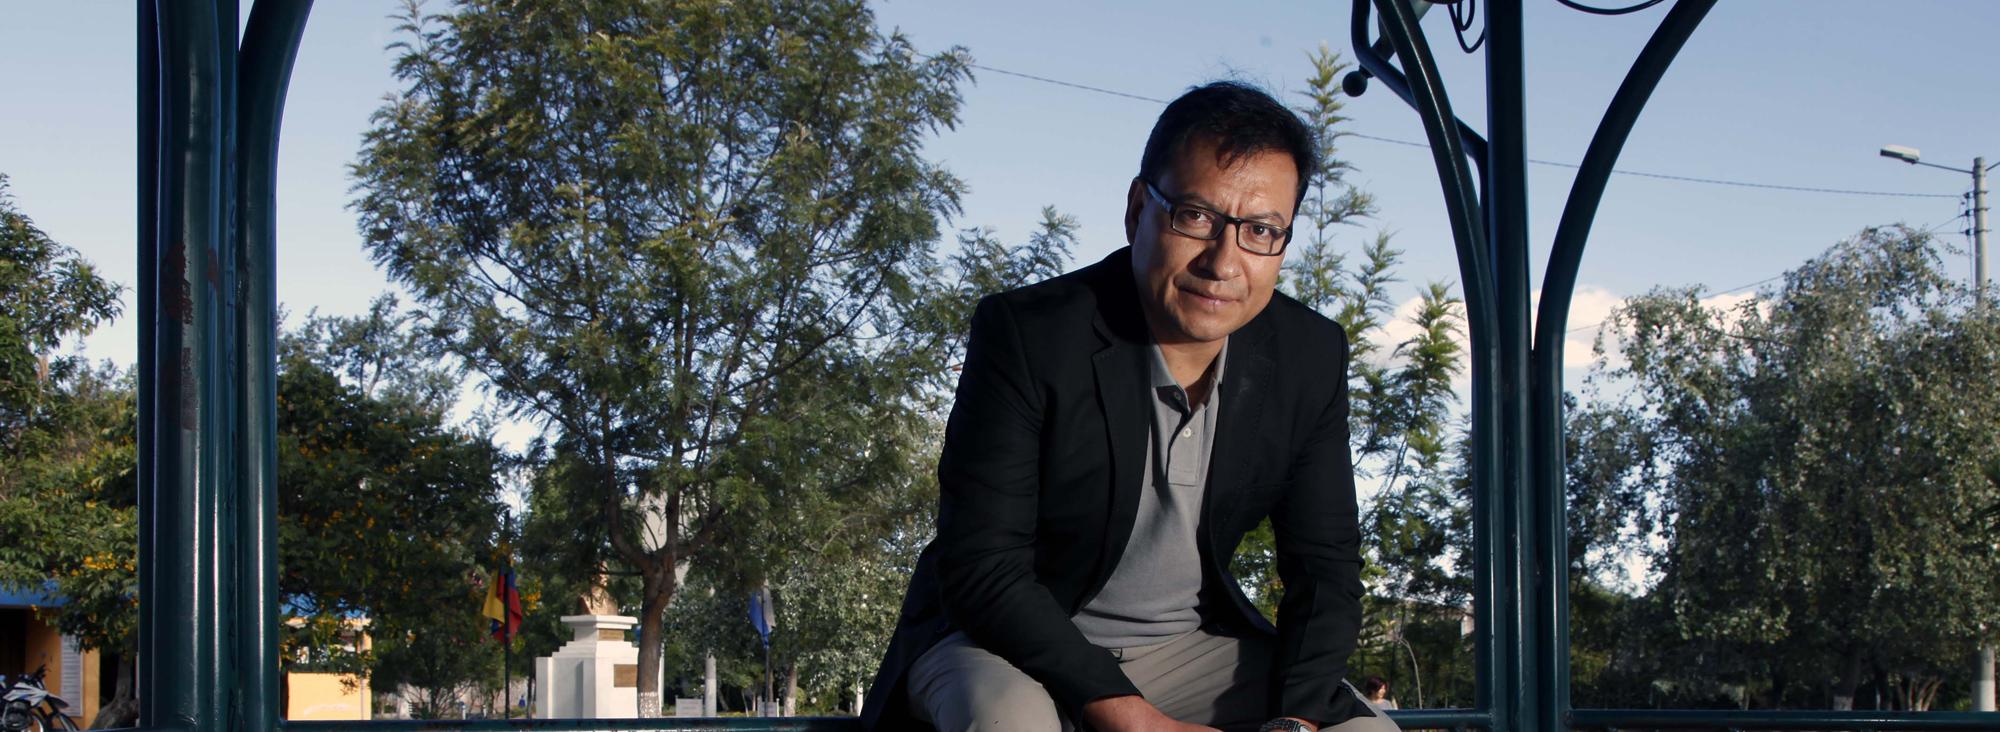 Nació en Quito en 1969. Tiene una maestría en Filosofía por la Universidad Católica.